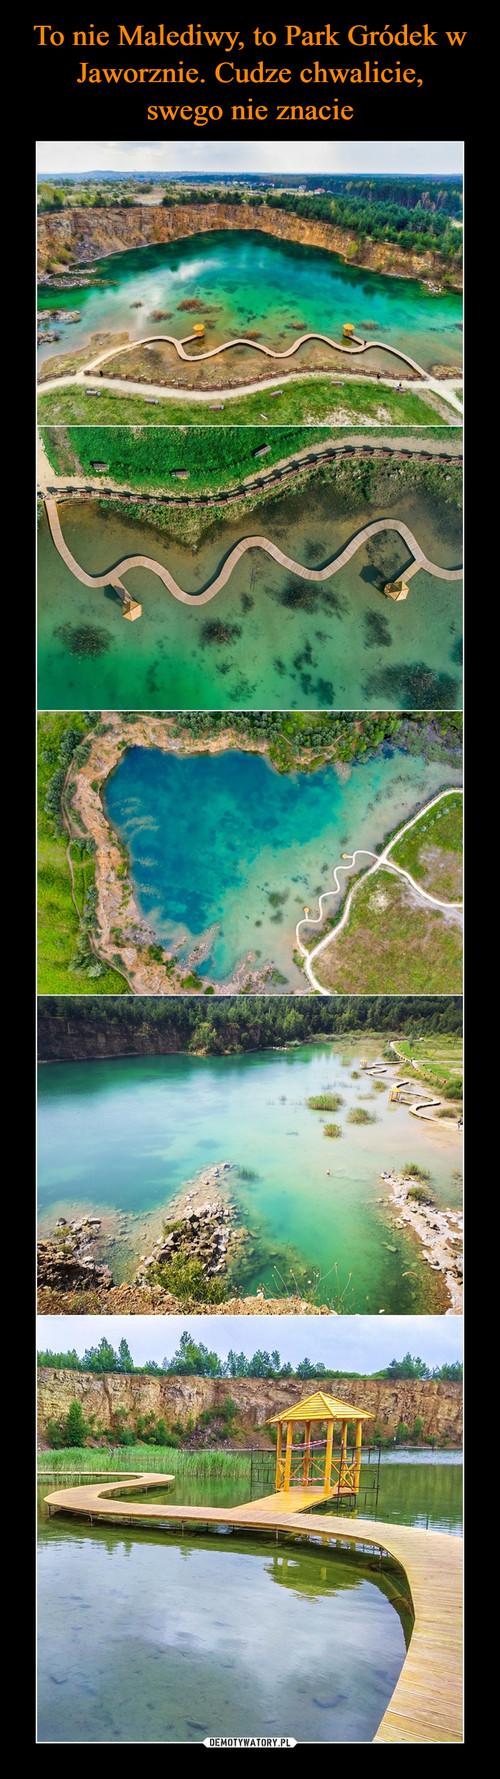 To nie Malediwy, to Park Gródek w Jaworznie. Cudze chwalicie, swego nie znacie